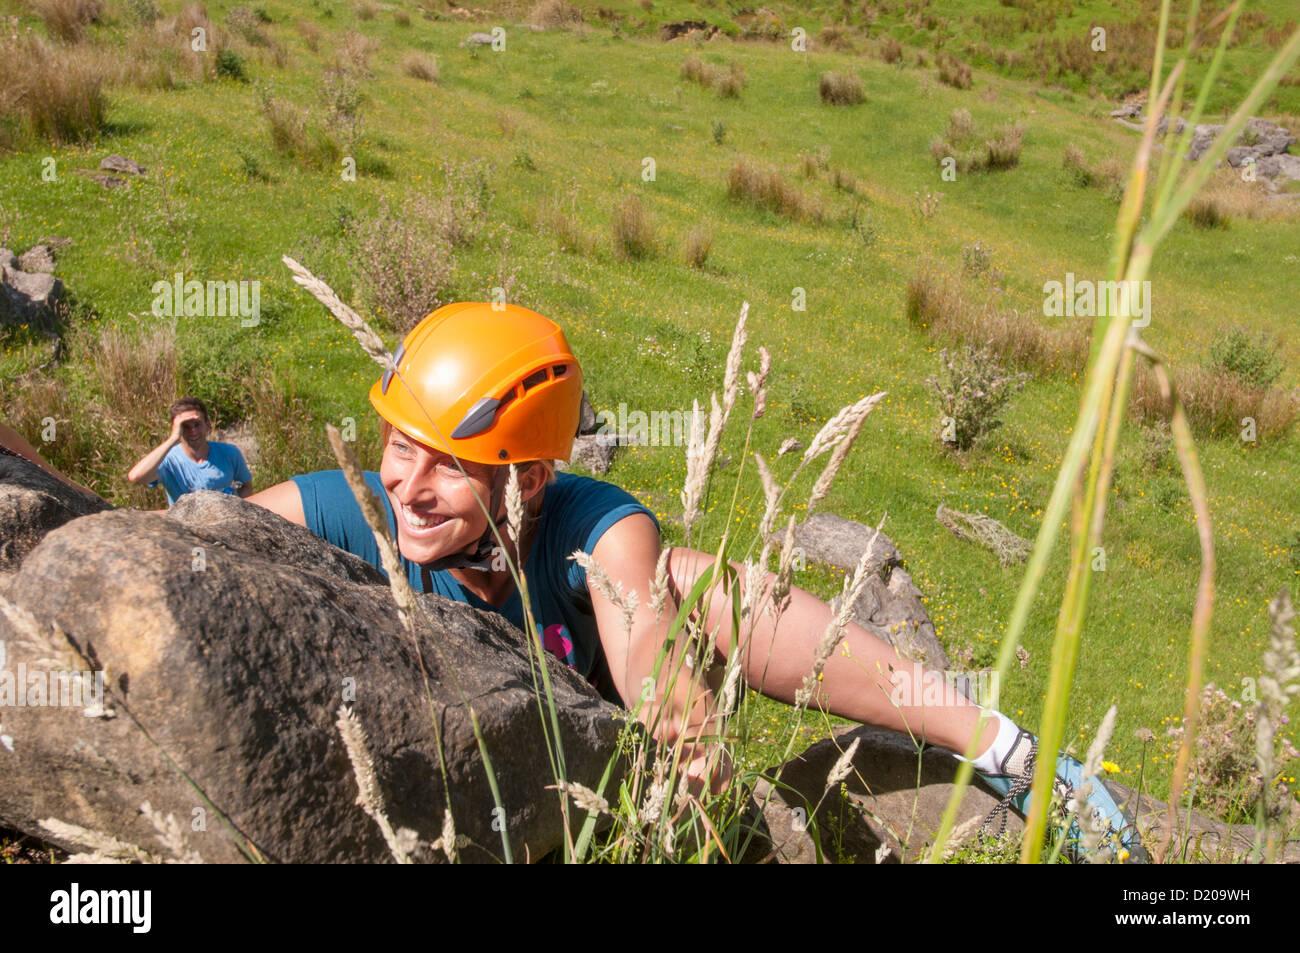 Kletterausrüstung In Der Nähe : Frauen klettern mit sicherheits ausrüstung in der nähe von raglan